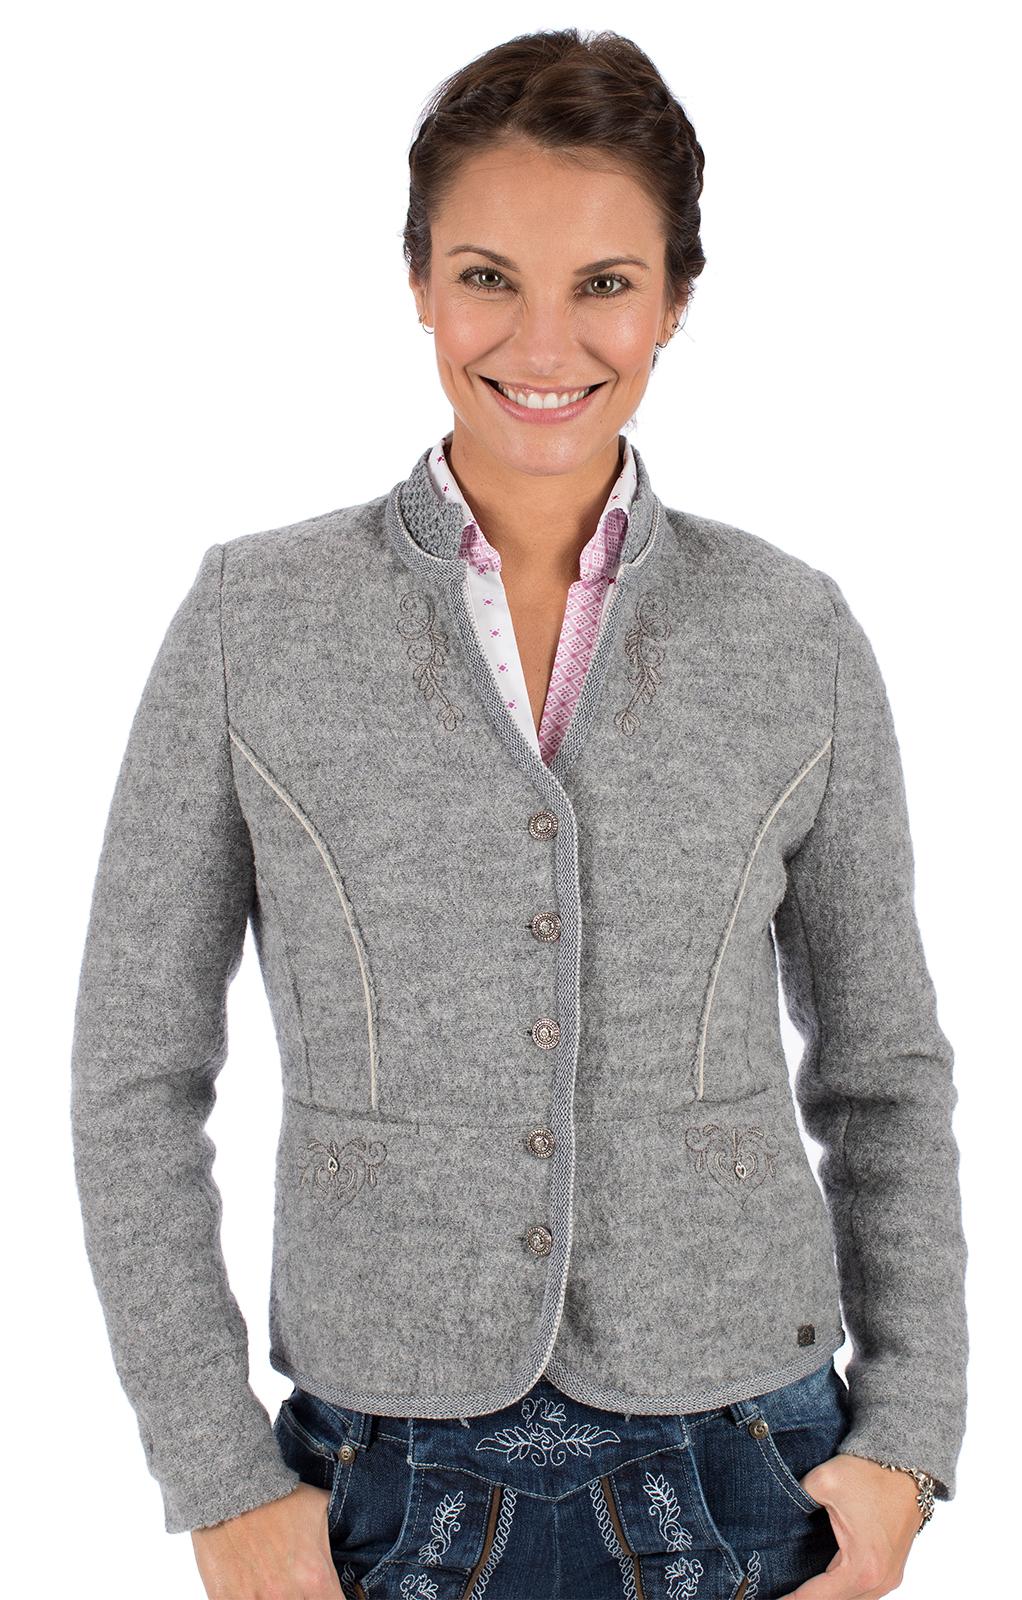 Giacca da passeggio per giacche tradizionali KRIEMHILD WJ grigio von Spieth & Wensky